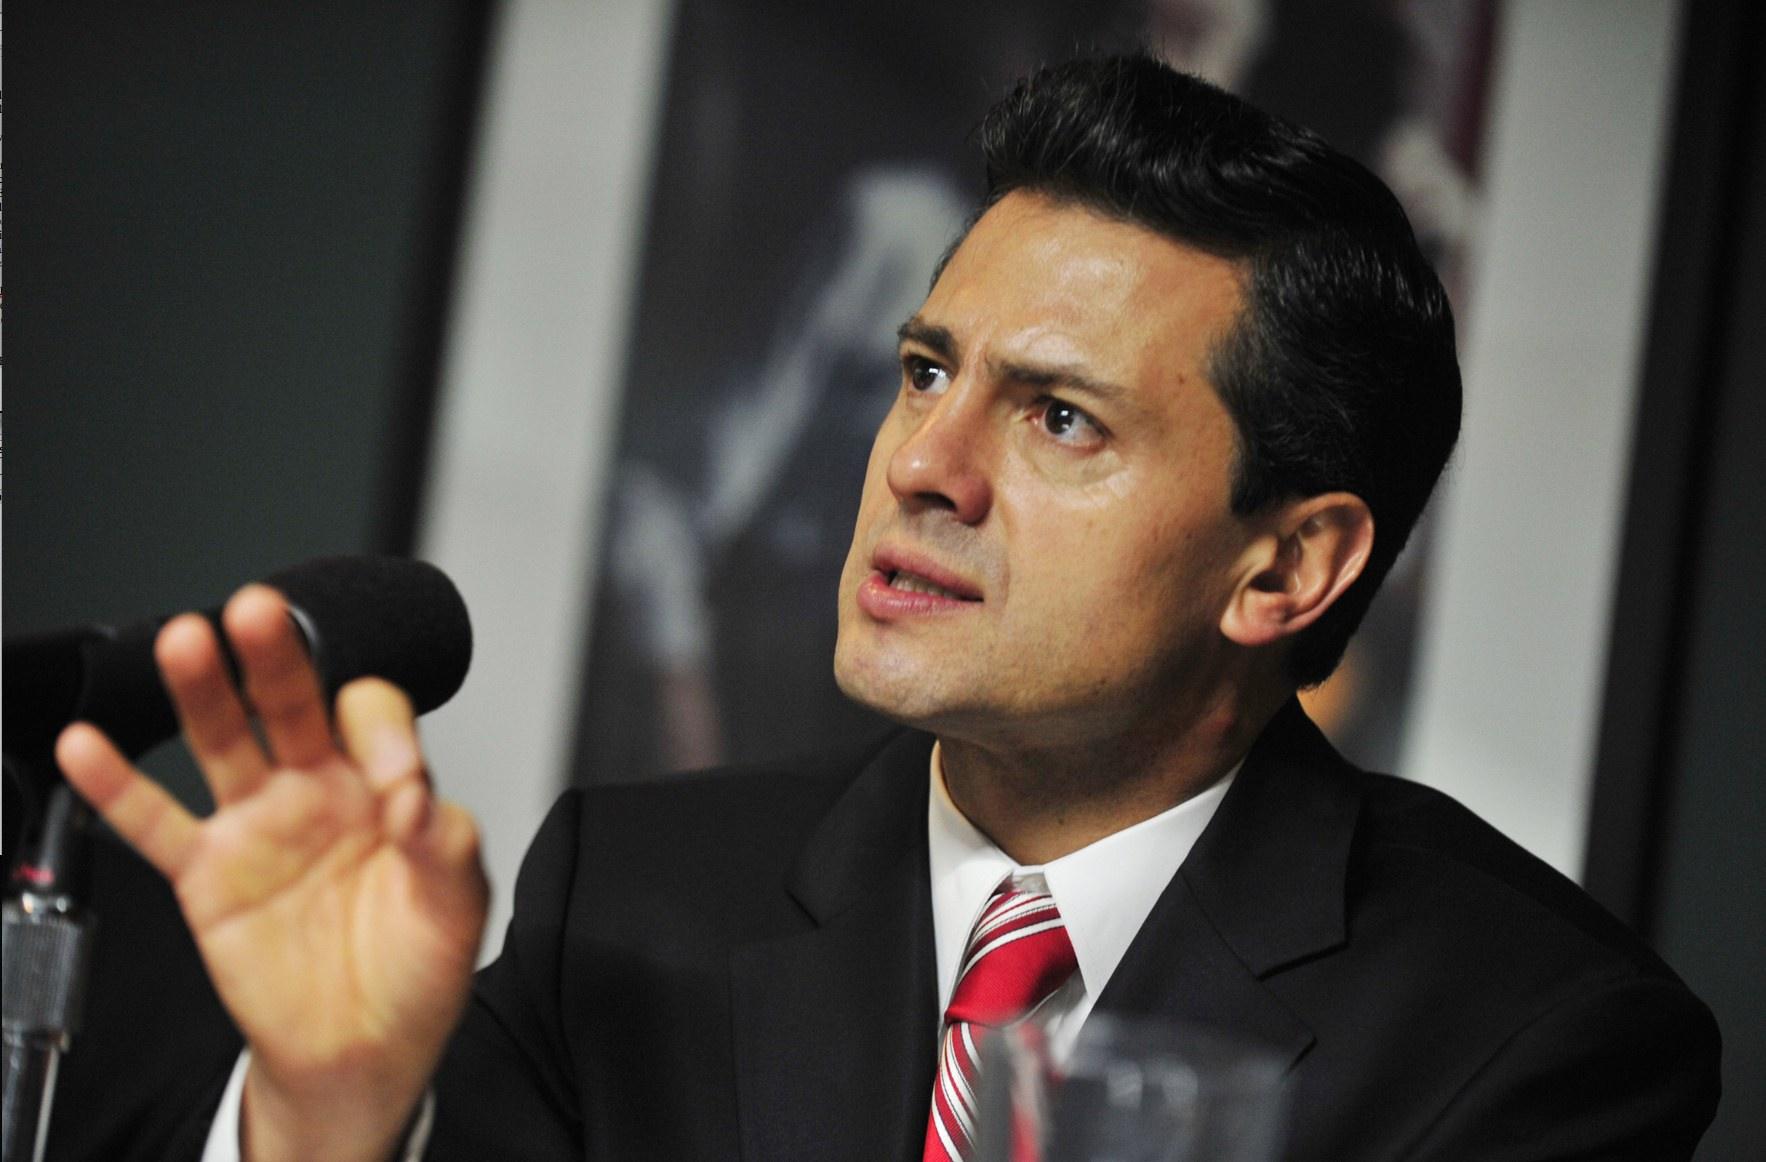 ONU: Alianza por gobiernos abiertos, compromiso de EPN